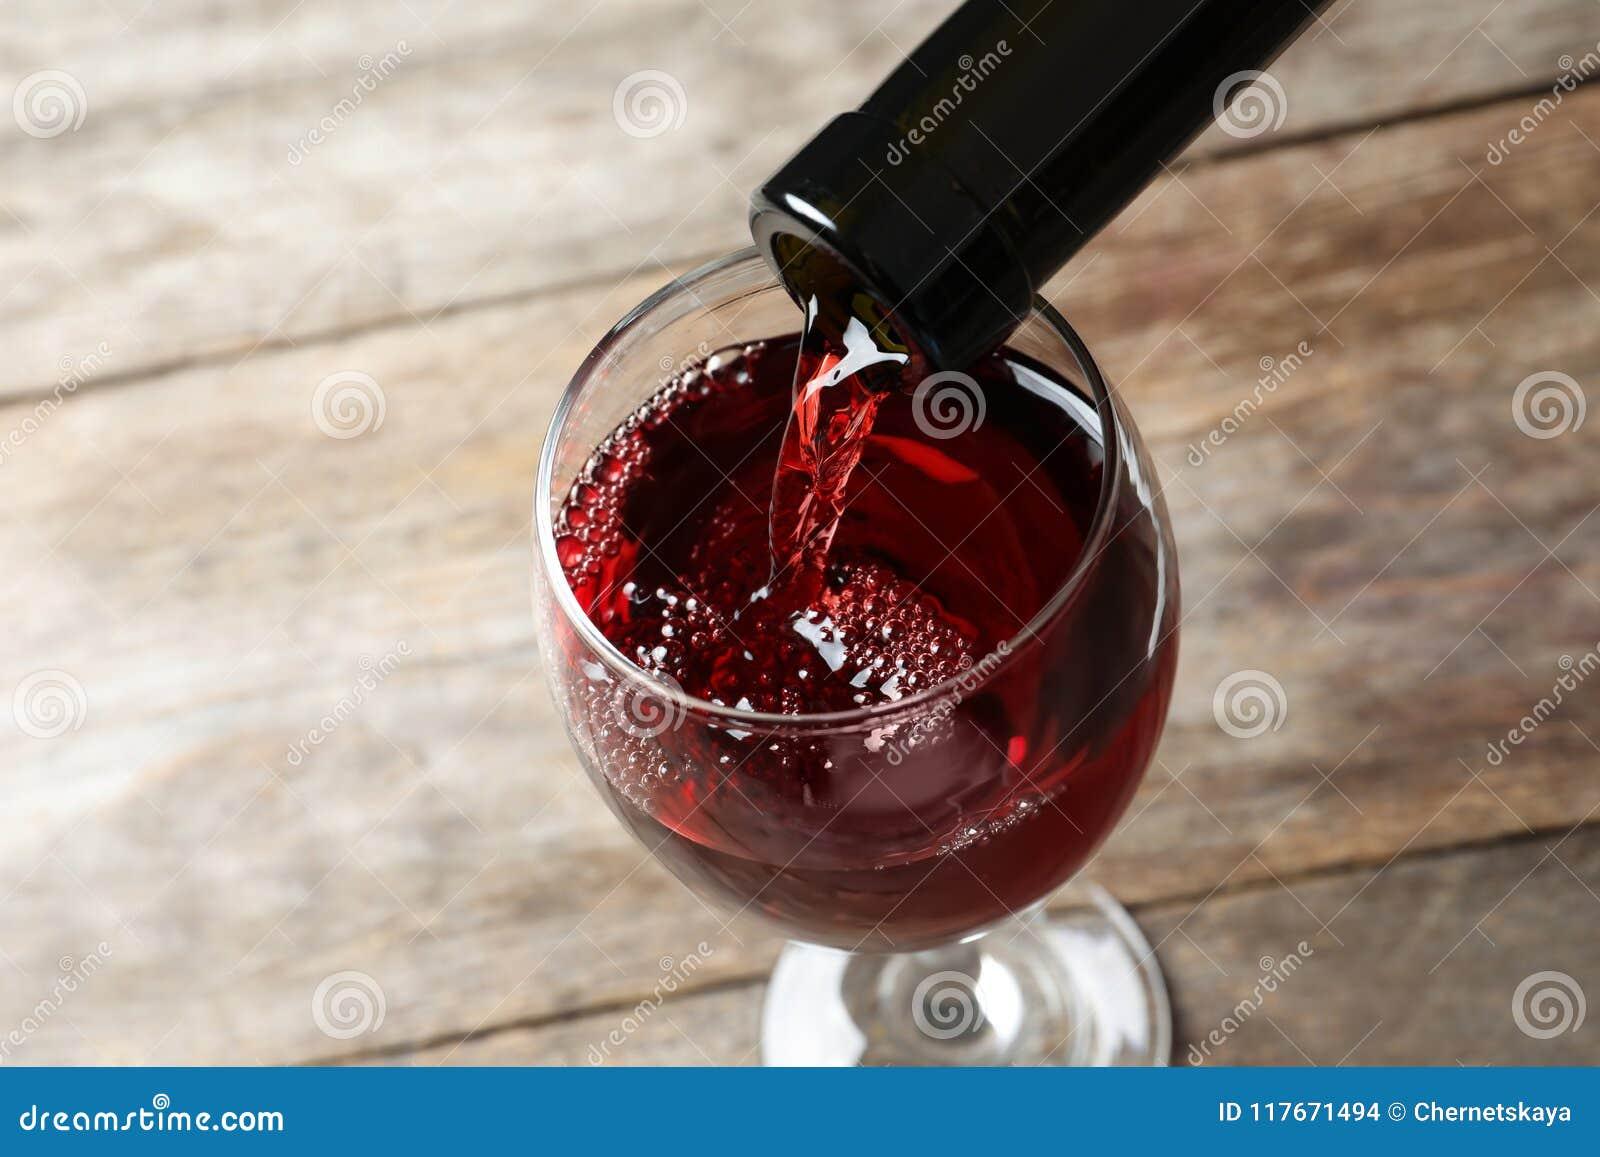 Hällande läckert rött vin in i exponeringsglas